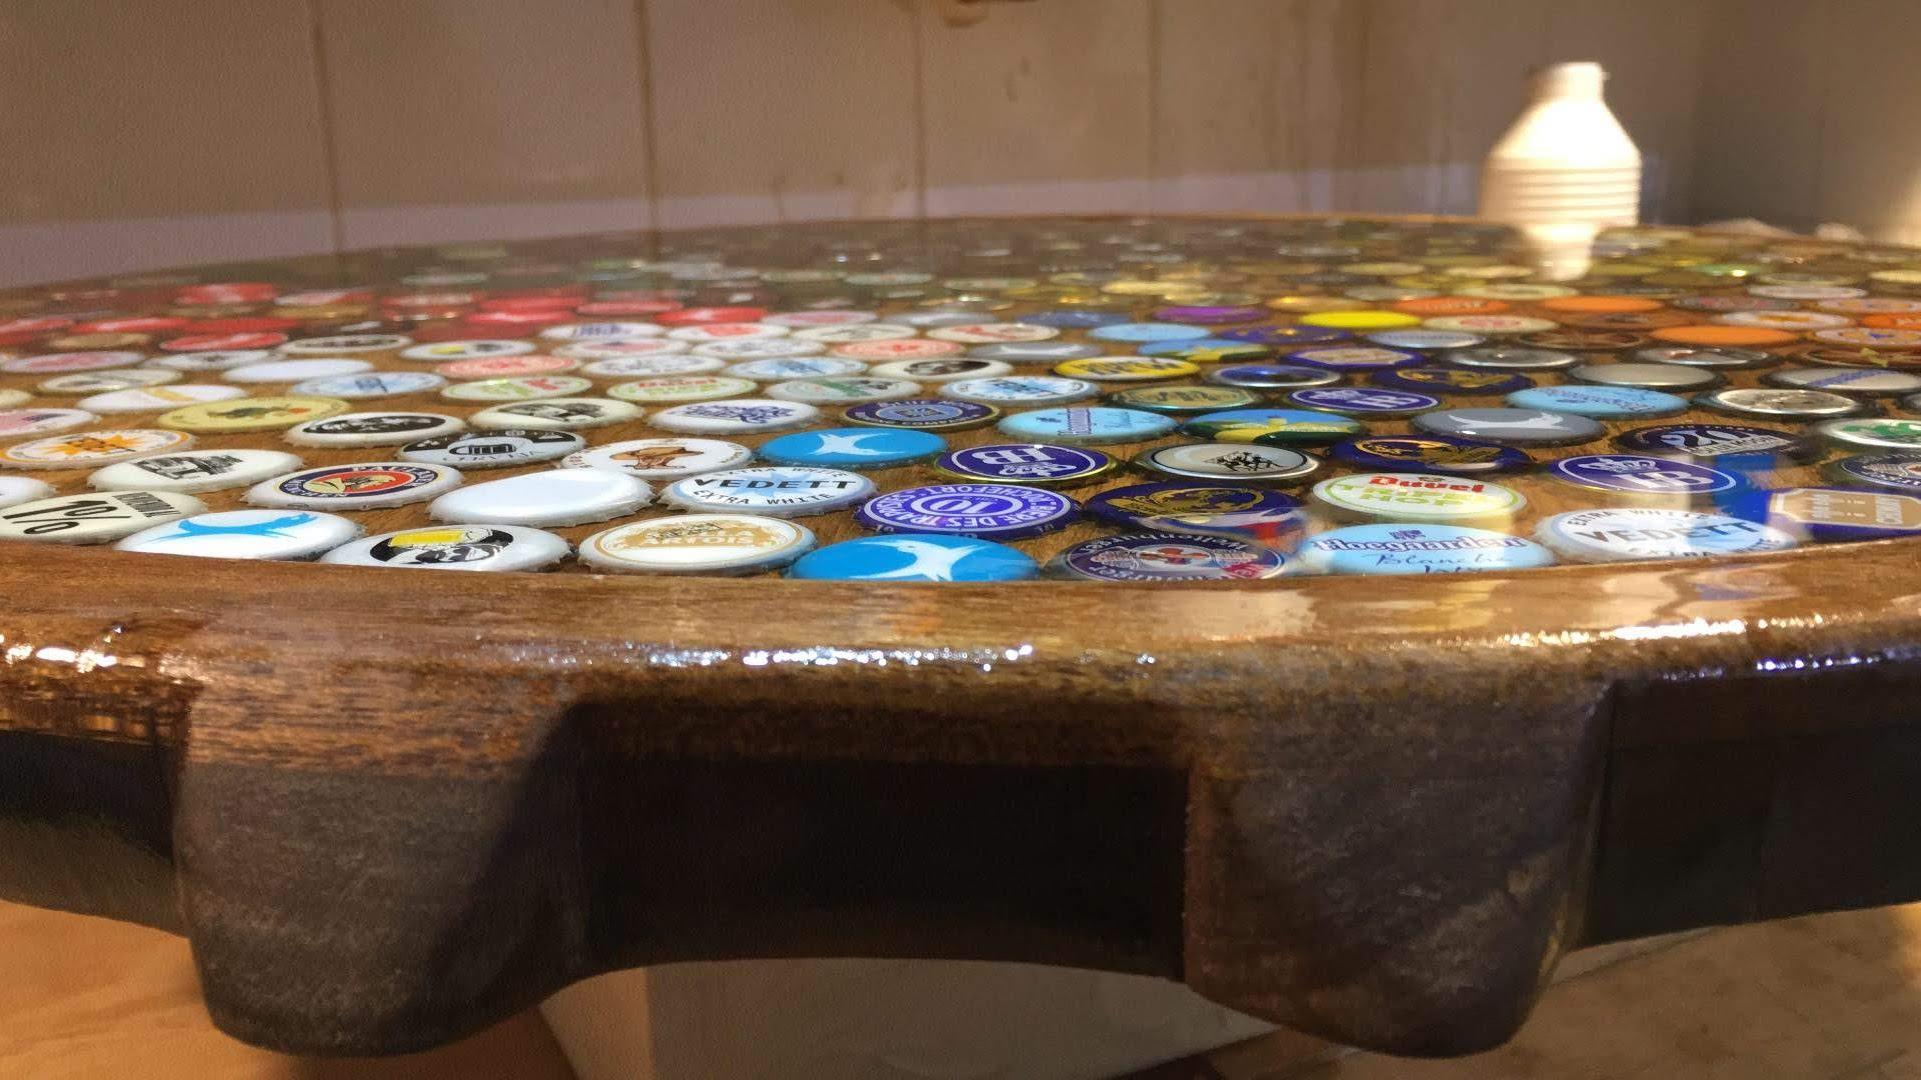 Mesa de tampinhas de cerveja com resina epóxi